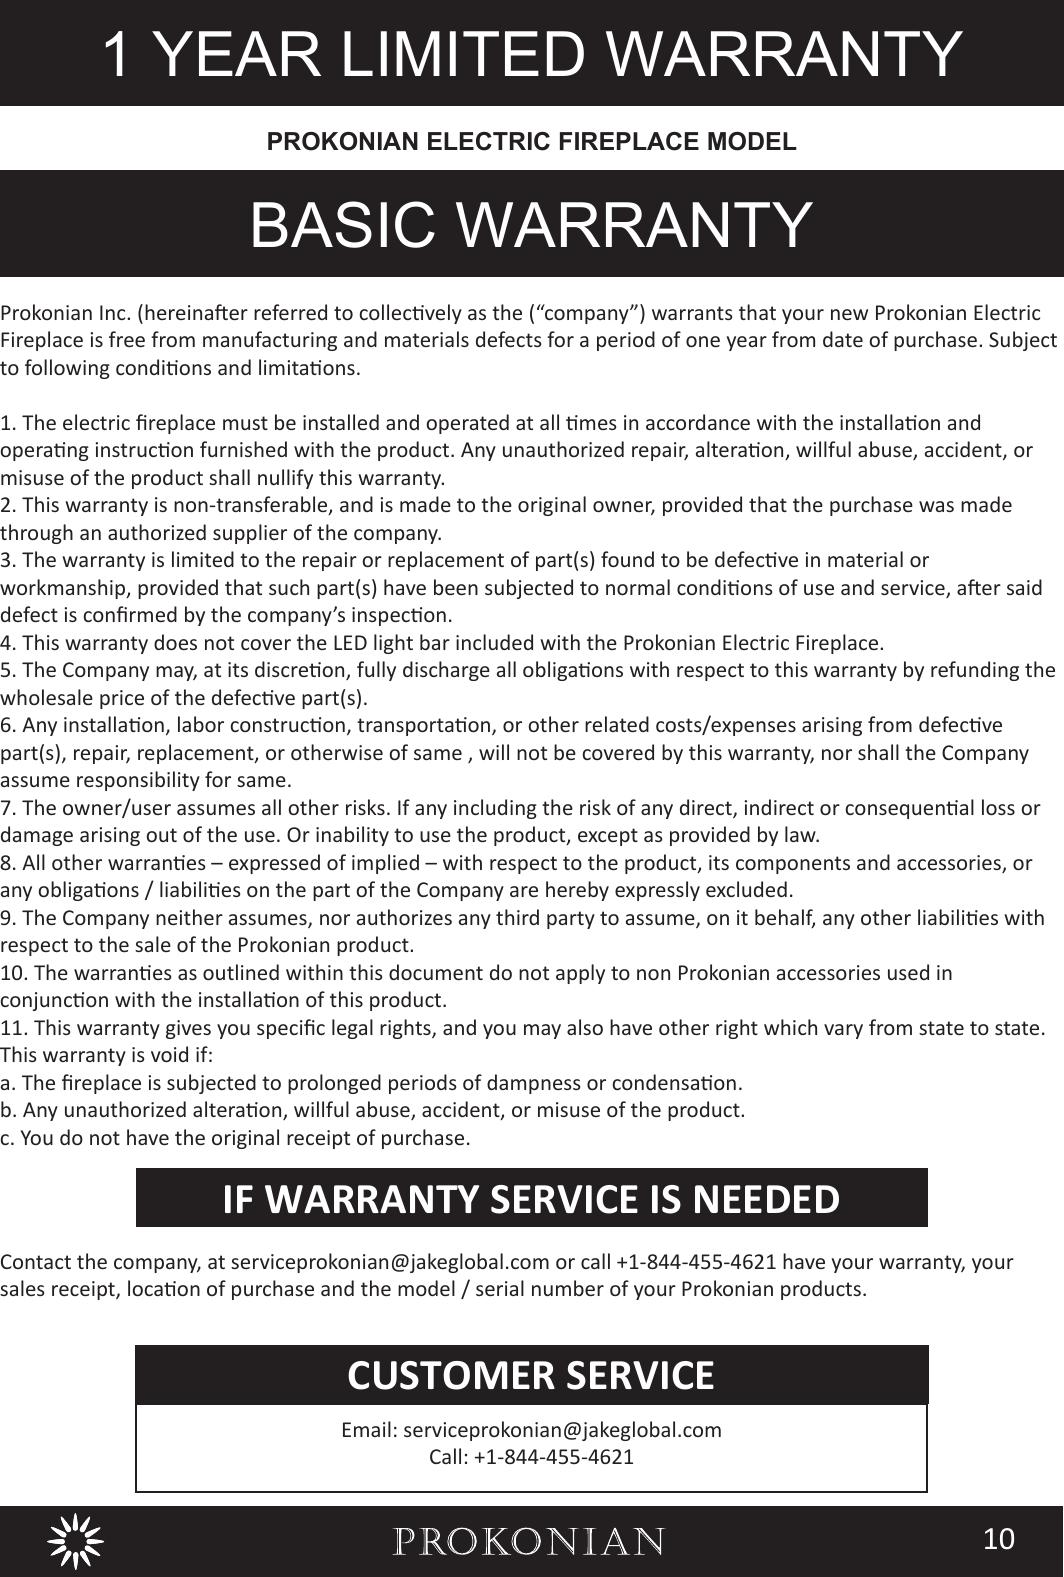 retail pro 9 user manual pdf